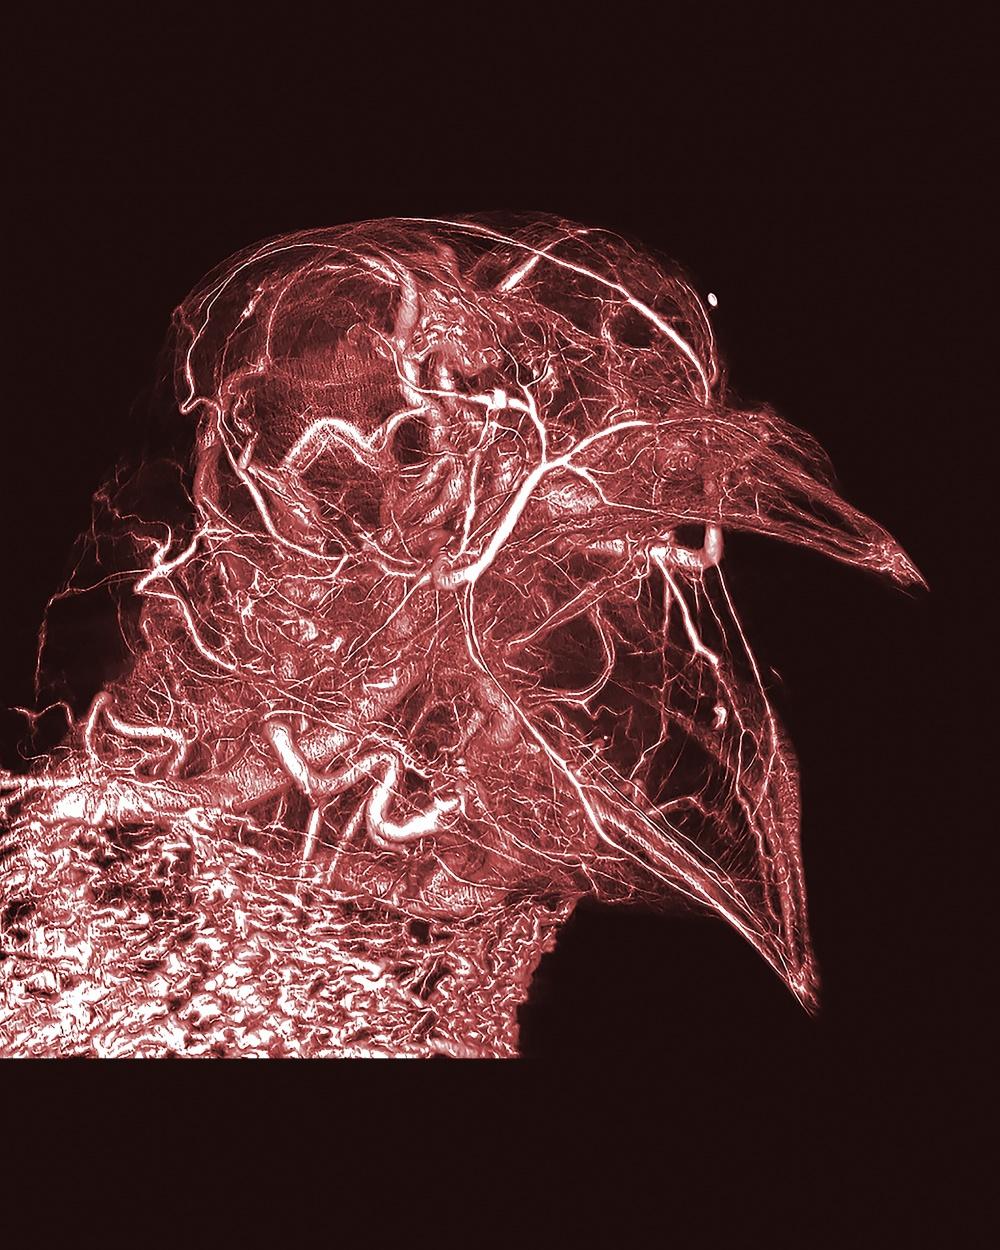 © Scott Echols, Scarlet Imaging and the Grey Parrot Anatomy Project   Изменения плаценты мы